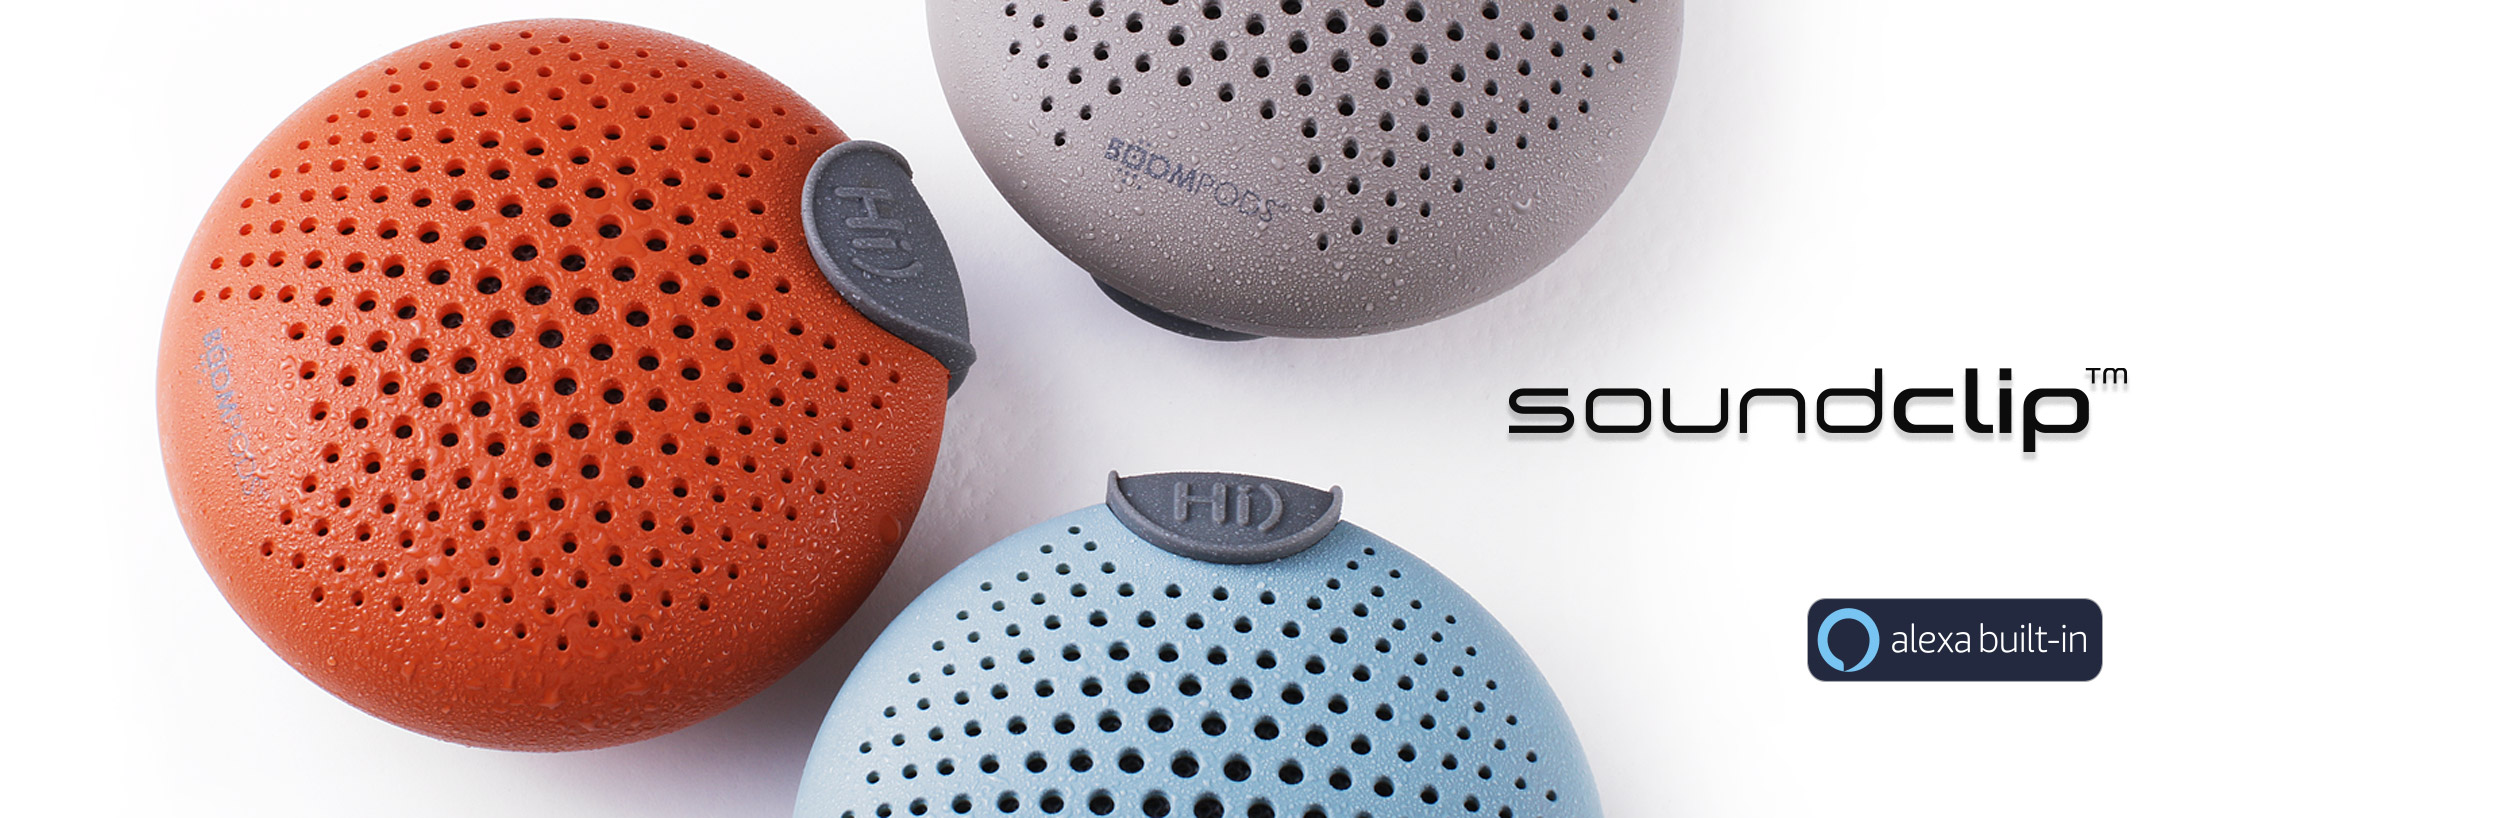 Nowy głośnik BOOMPODS w rozmiarze kieszonkowym z witualną asystentką Amazon Alexa